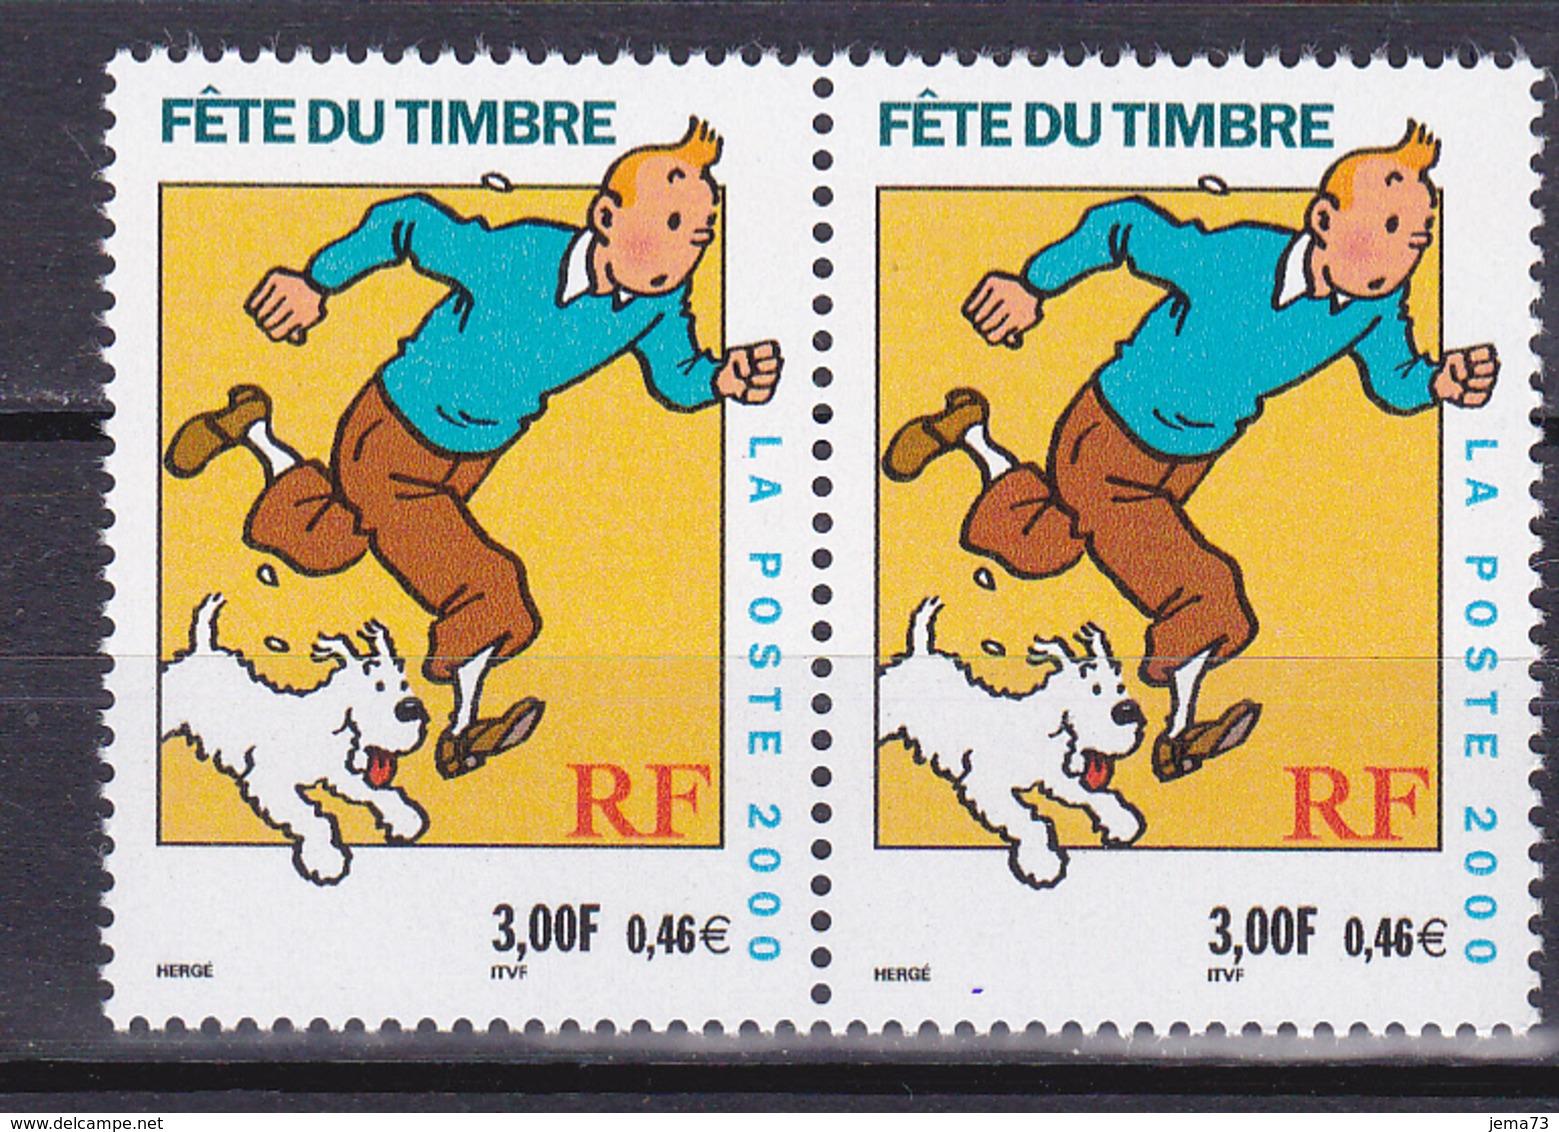 N° 3303 Fête Du Timbre Hergé Moulinsart 2000: Belle Paire De 2 Timbres Neuf - France